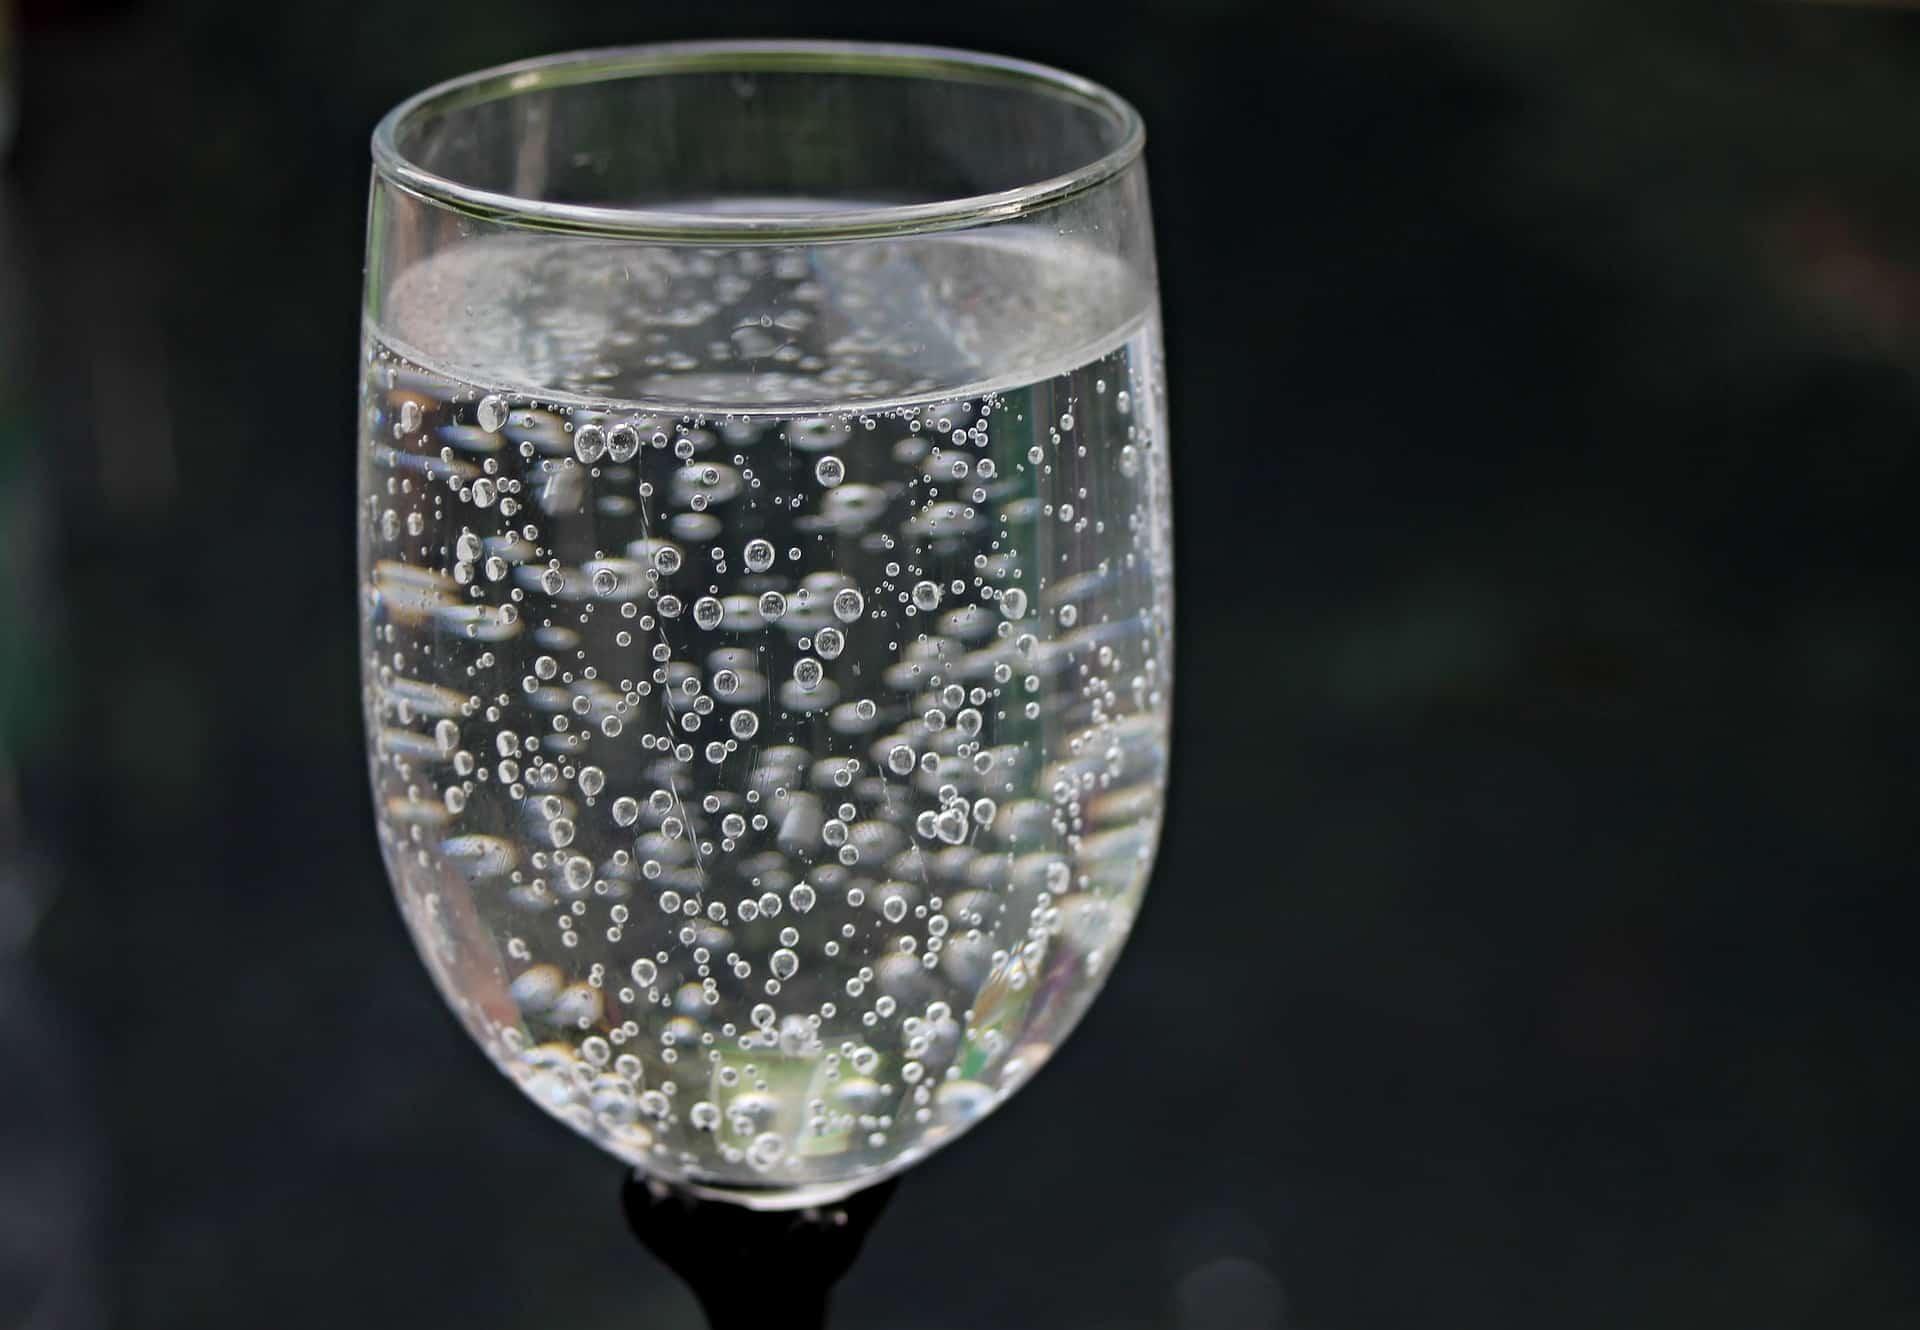 Dlaczego dietetycy odradzają picie wody gazowanej?